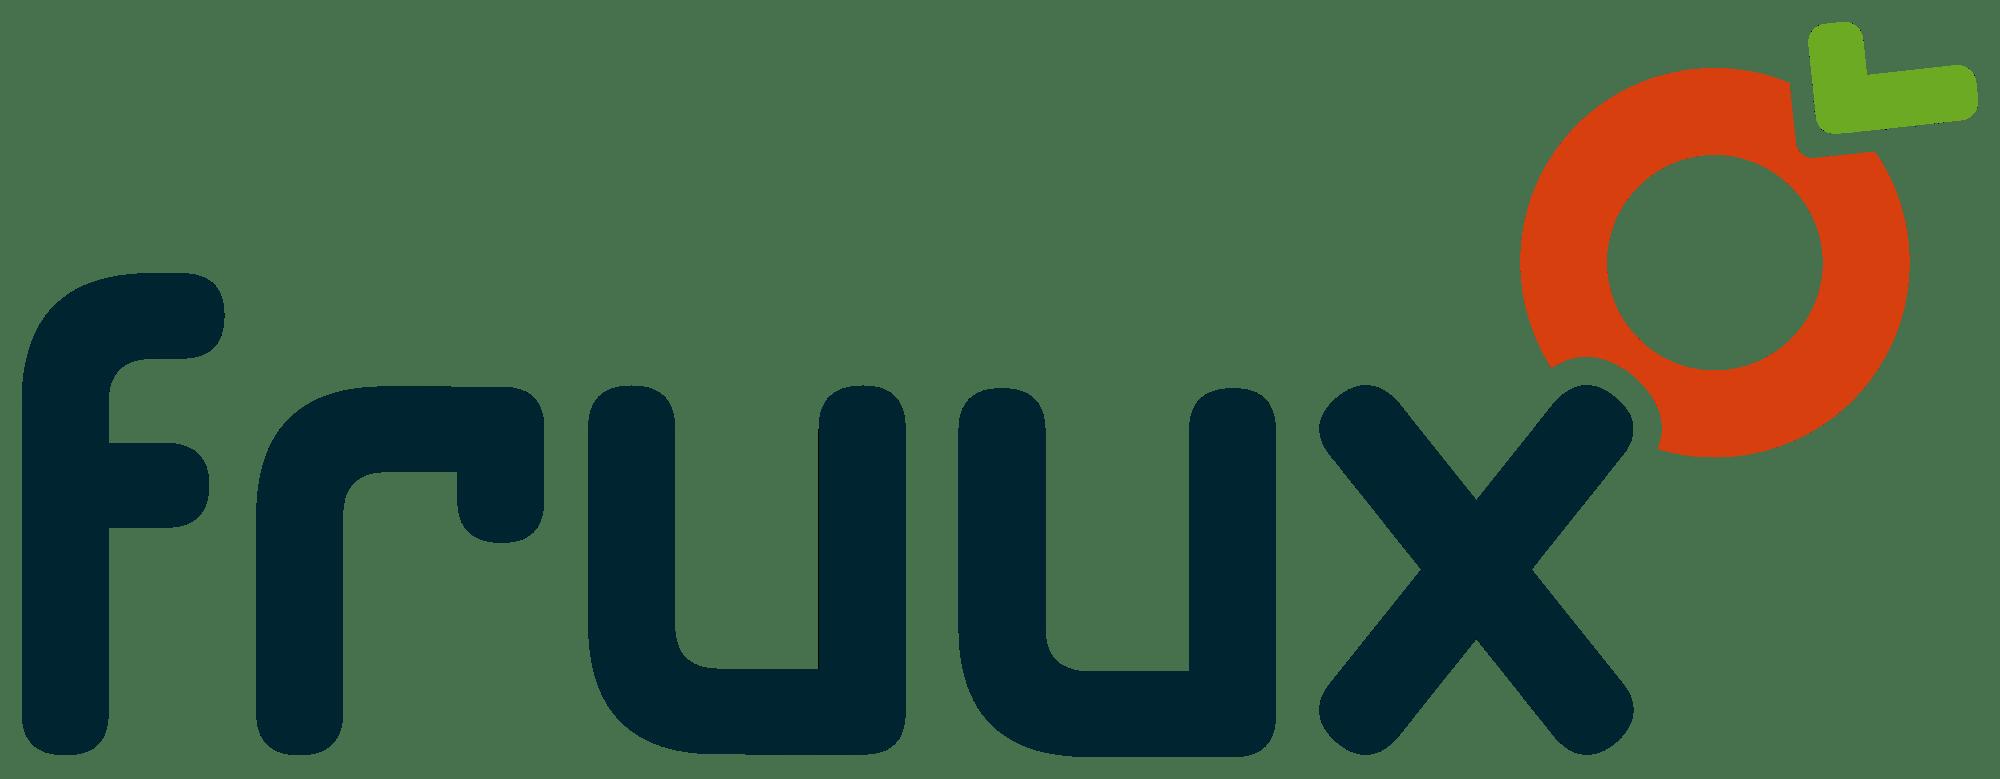 fruux company logo